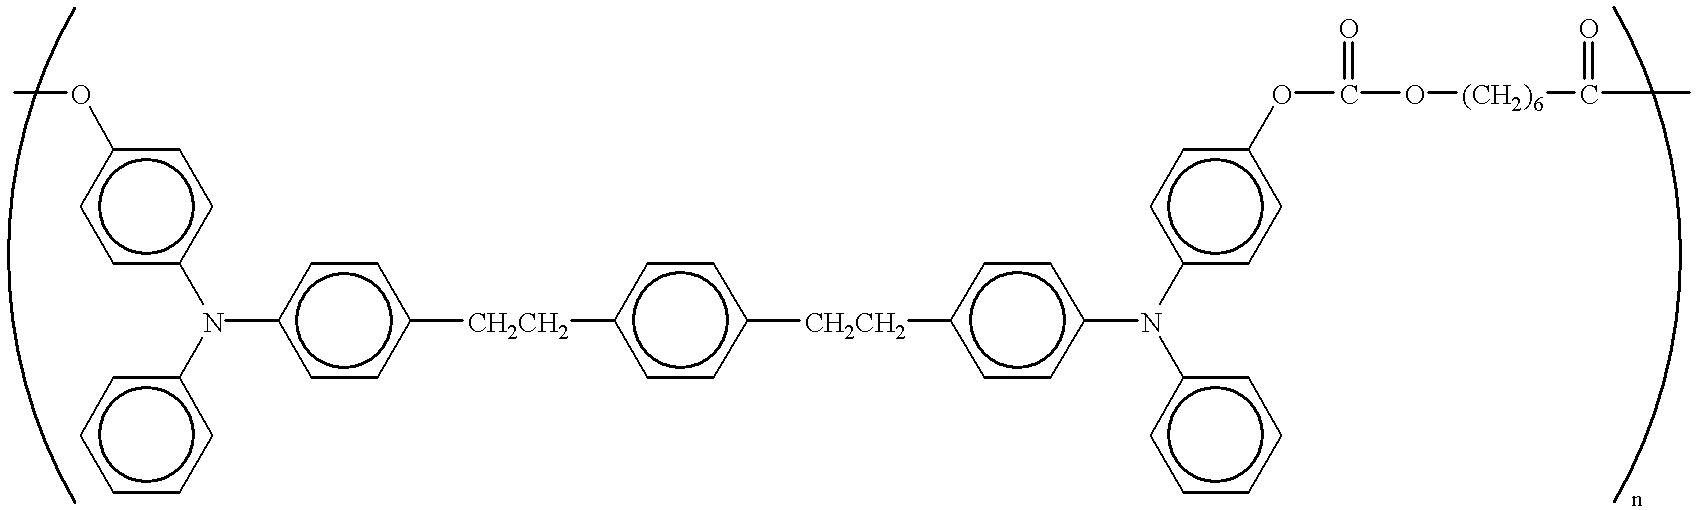 Figure US06558863-20030506-C00051